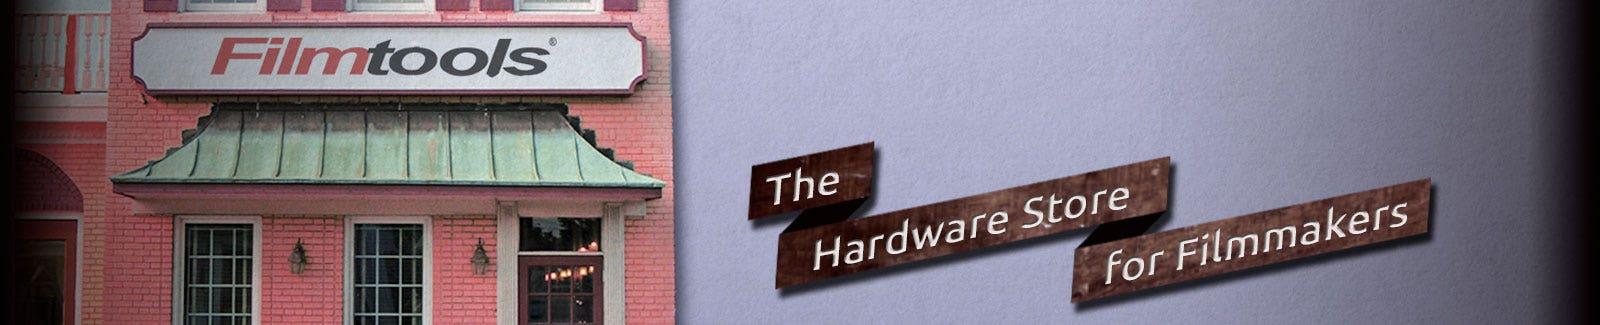 Filmmaker's Hardware Store